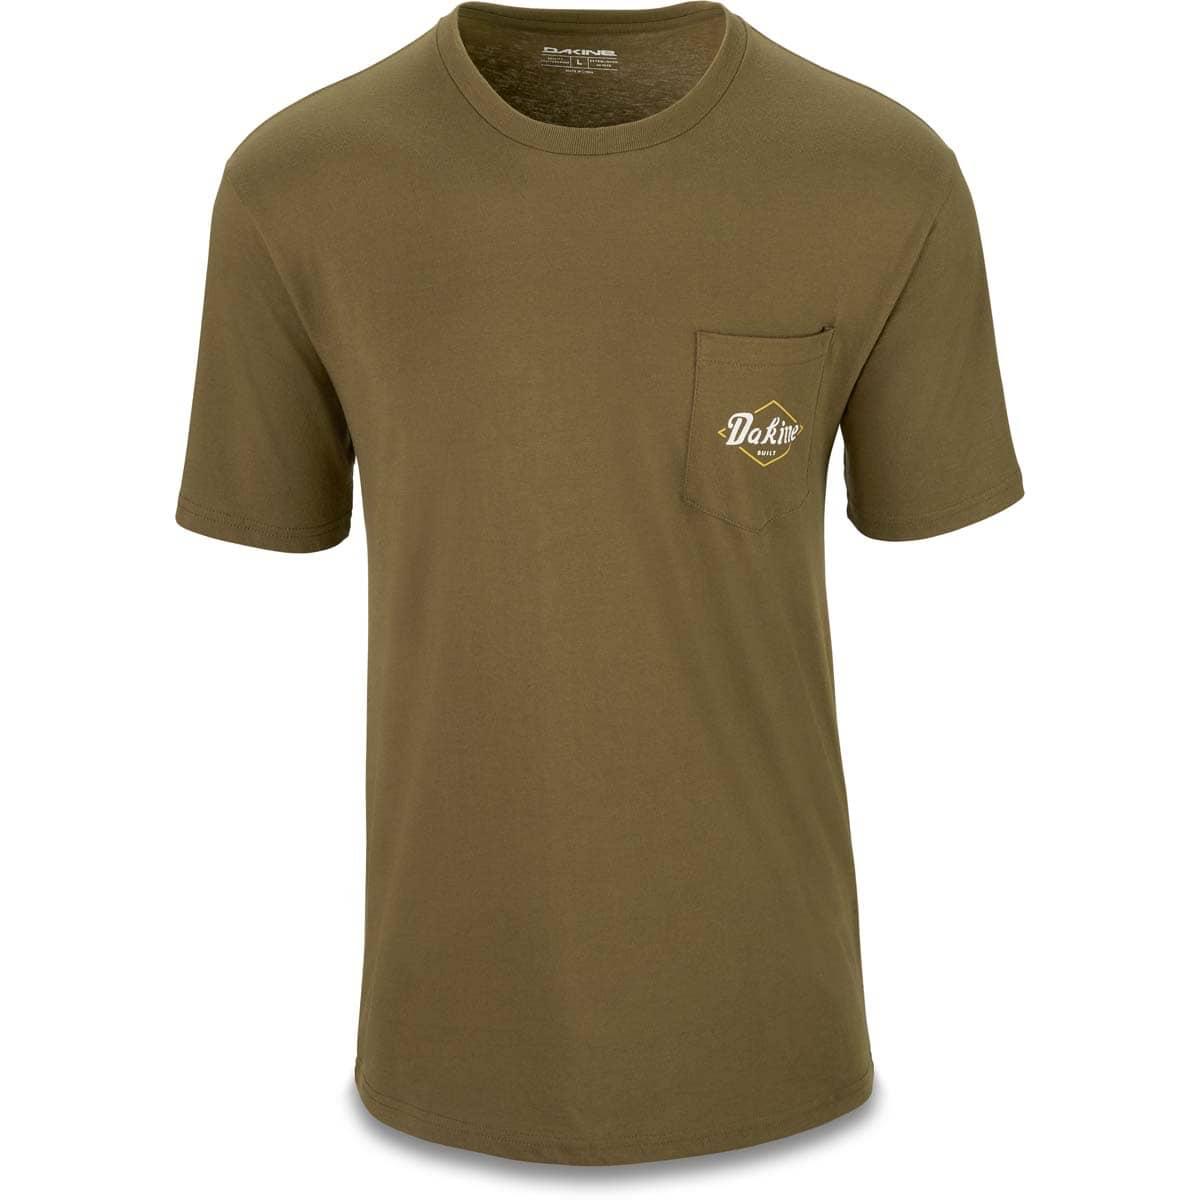 Dakine Built Pocket T Shirt T Shirt Dark Olive